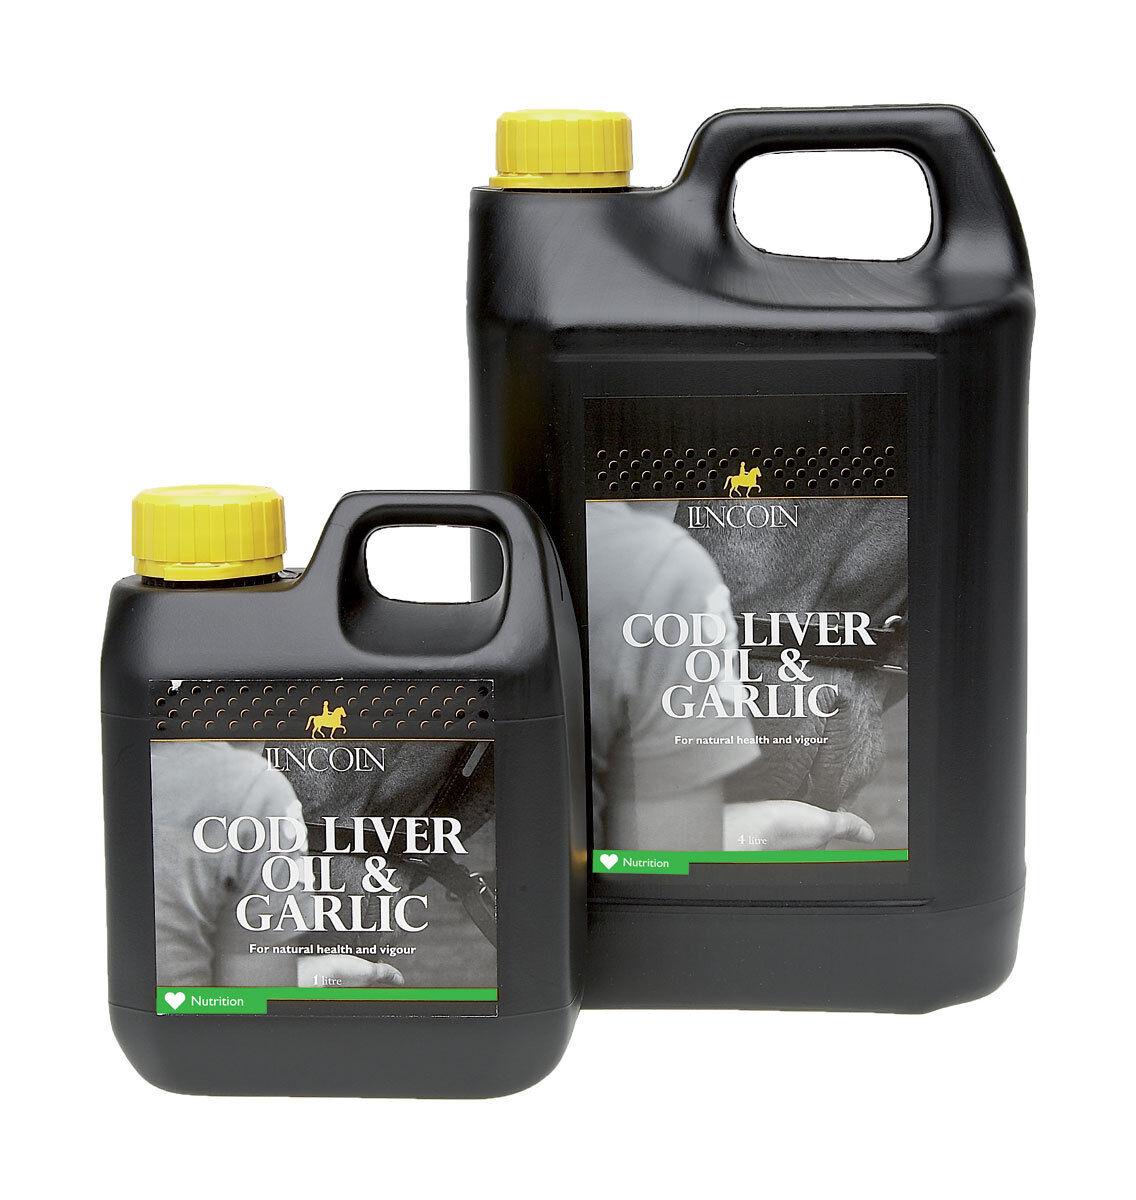 Lincoln Cod Liver Oil & Garlic 1litre and 4Litre PR-4099